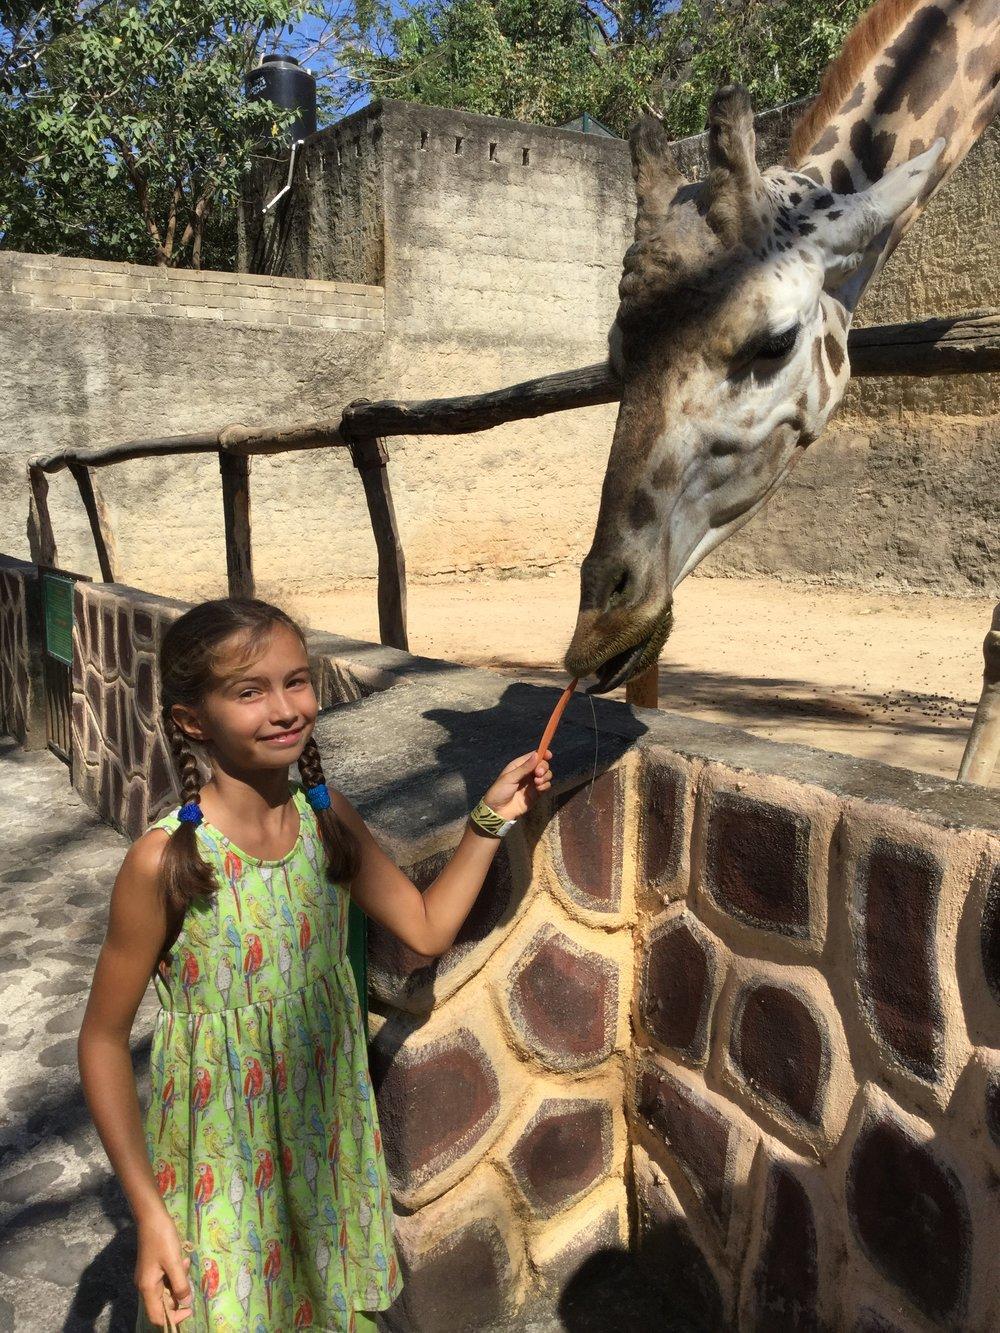 Lili feeding the very friendly giraffe.